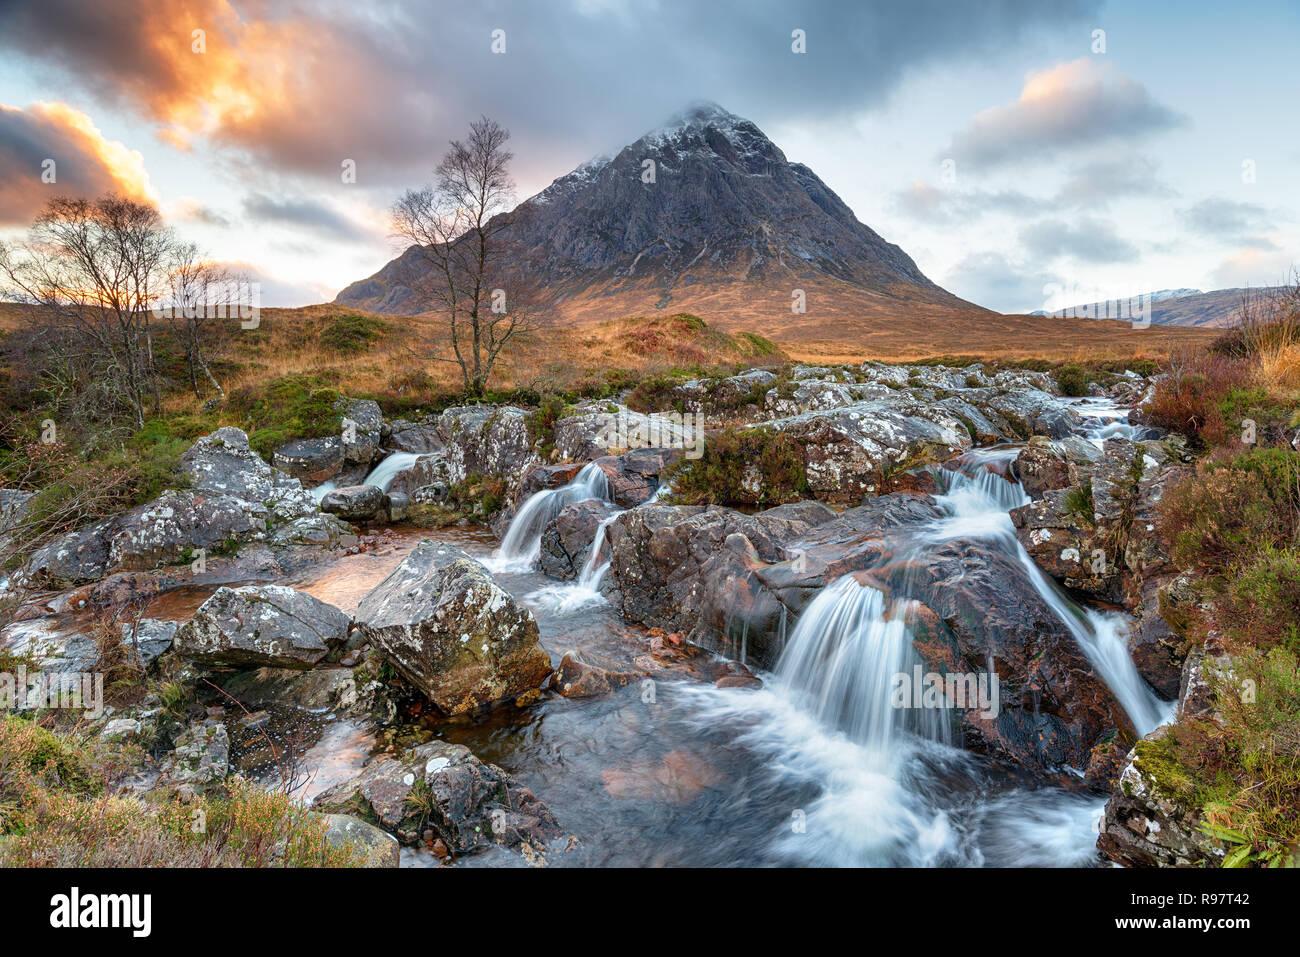 Atardecer en Buachaille Etive Mor una impresionante cascada en las Tierras Altas de Escocia. Foto de stock